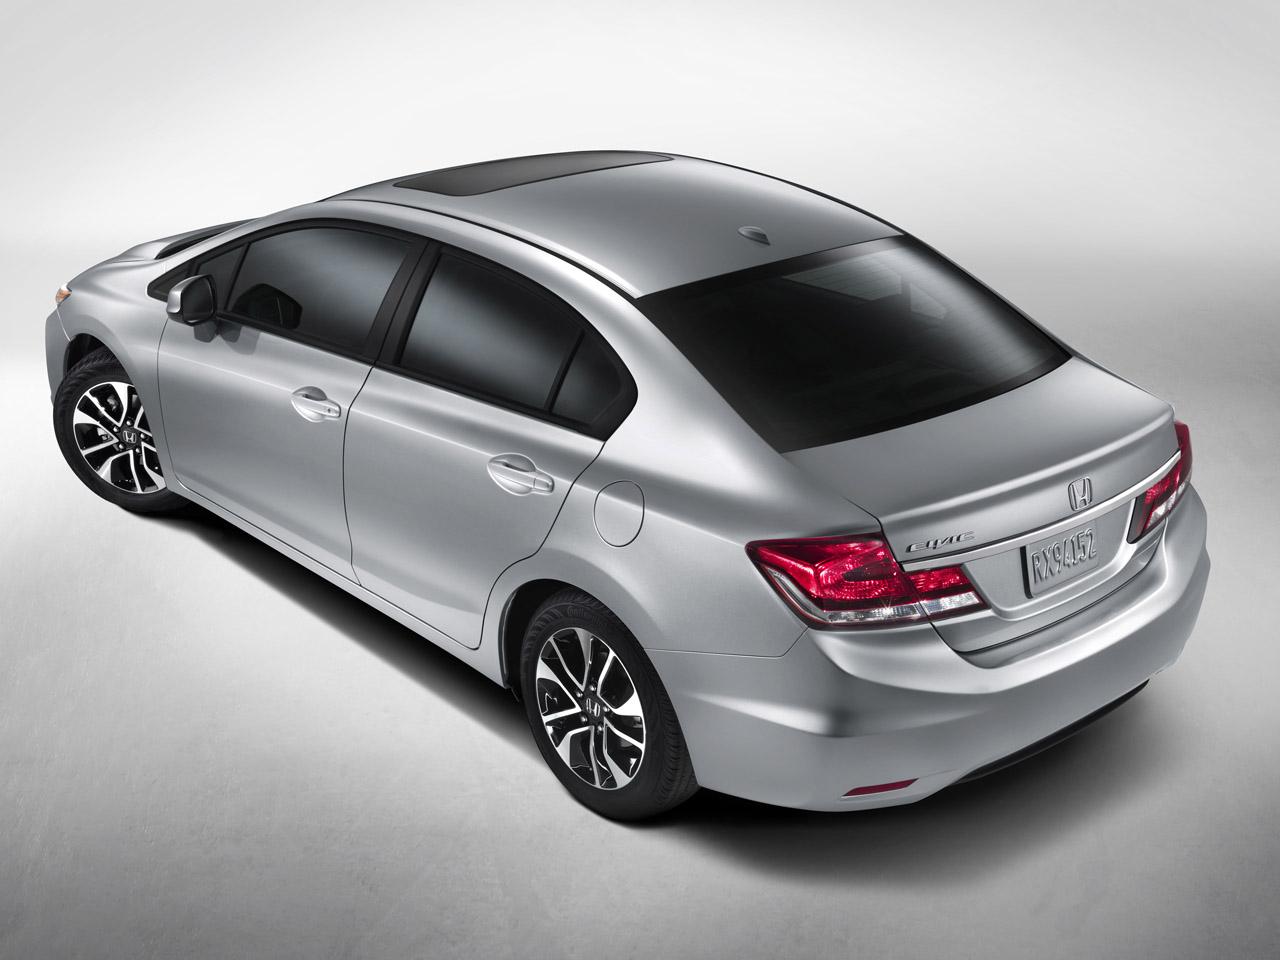 Honda actualiza el Civic en norteamérica para 2013